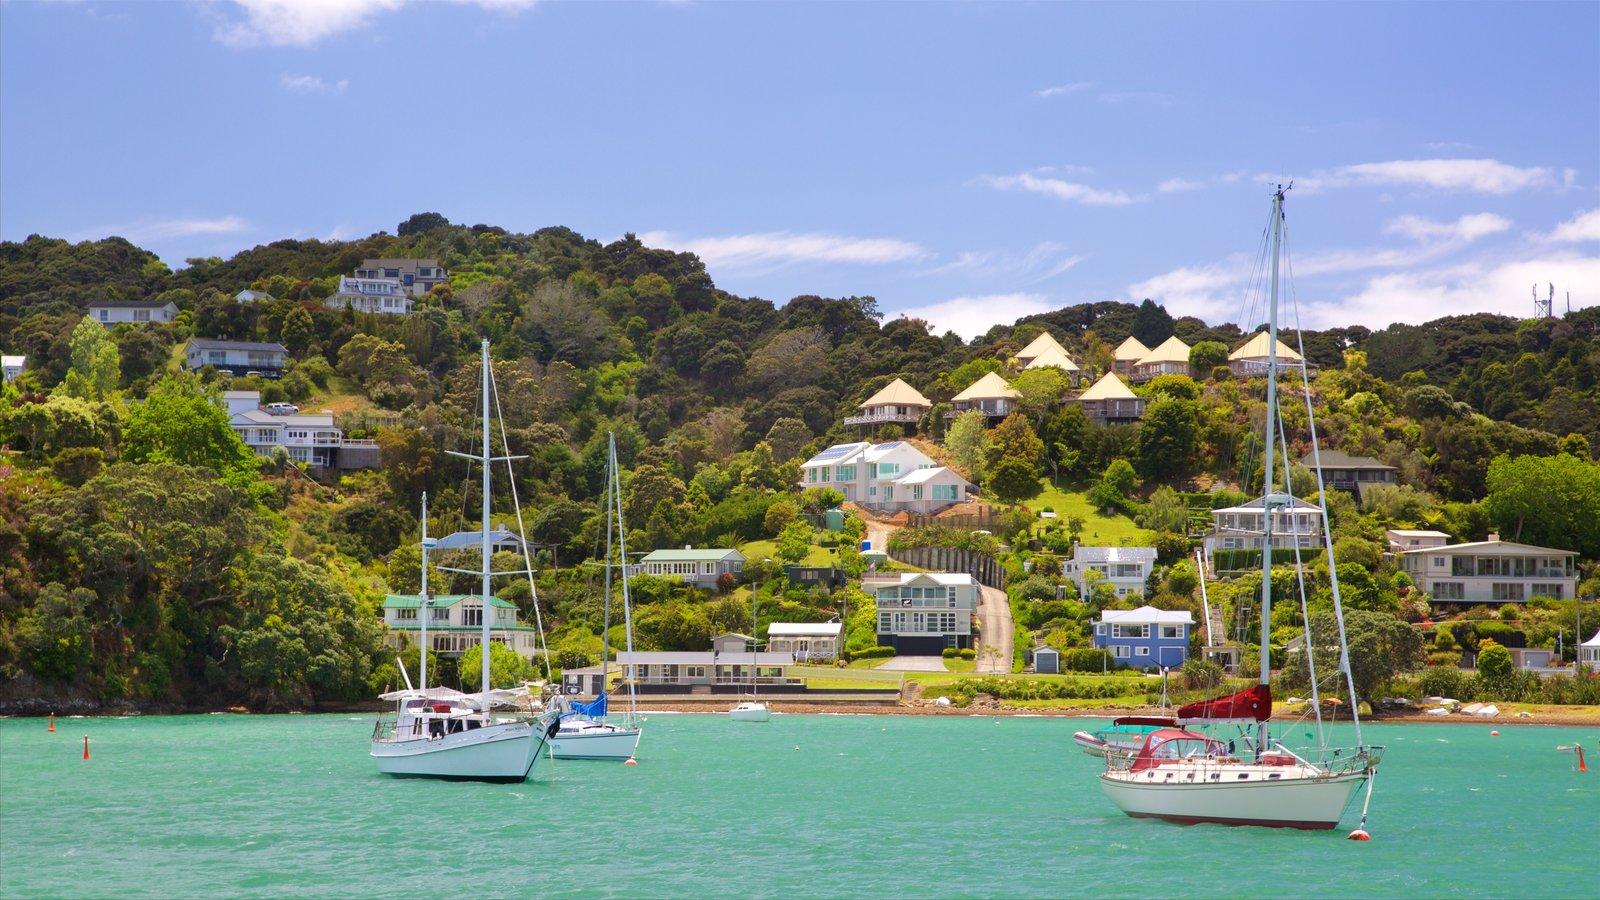 Russell mostrando una bahía o puerto, una ciudad costera y navegación